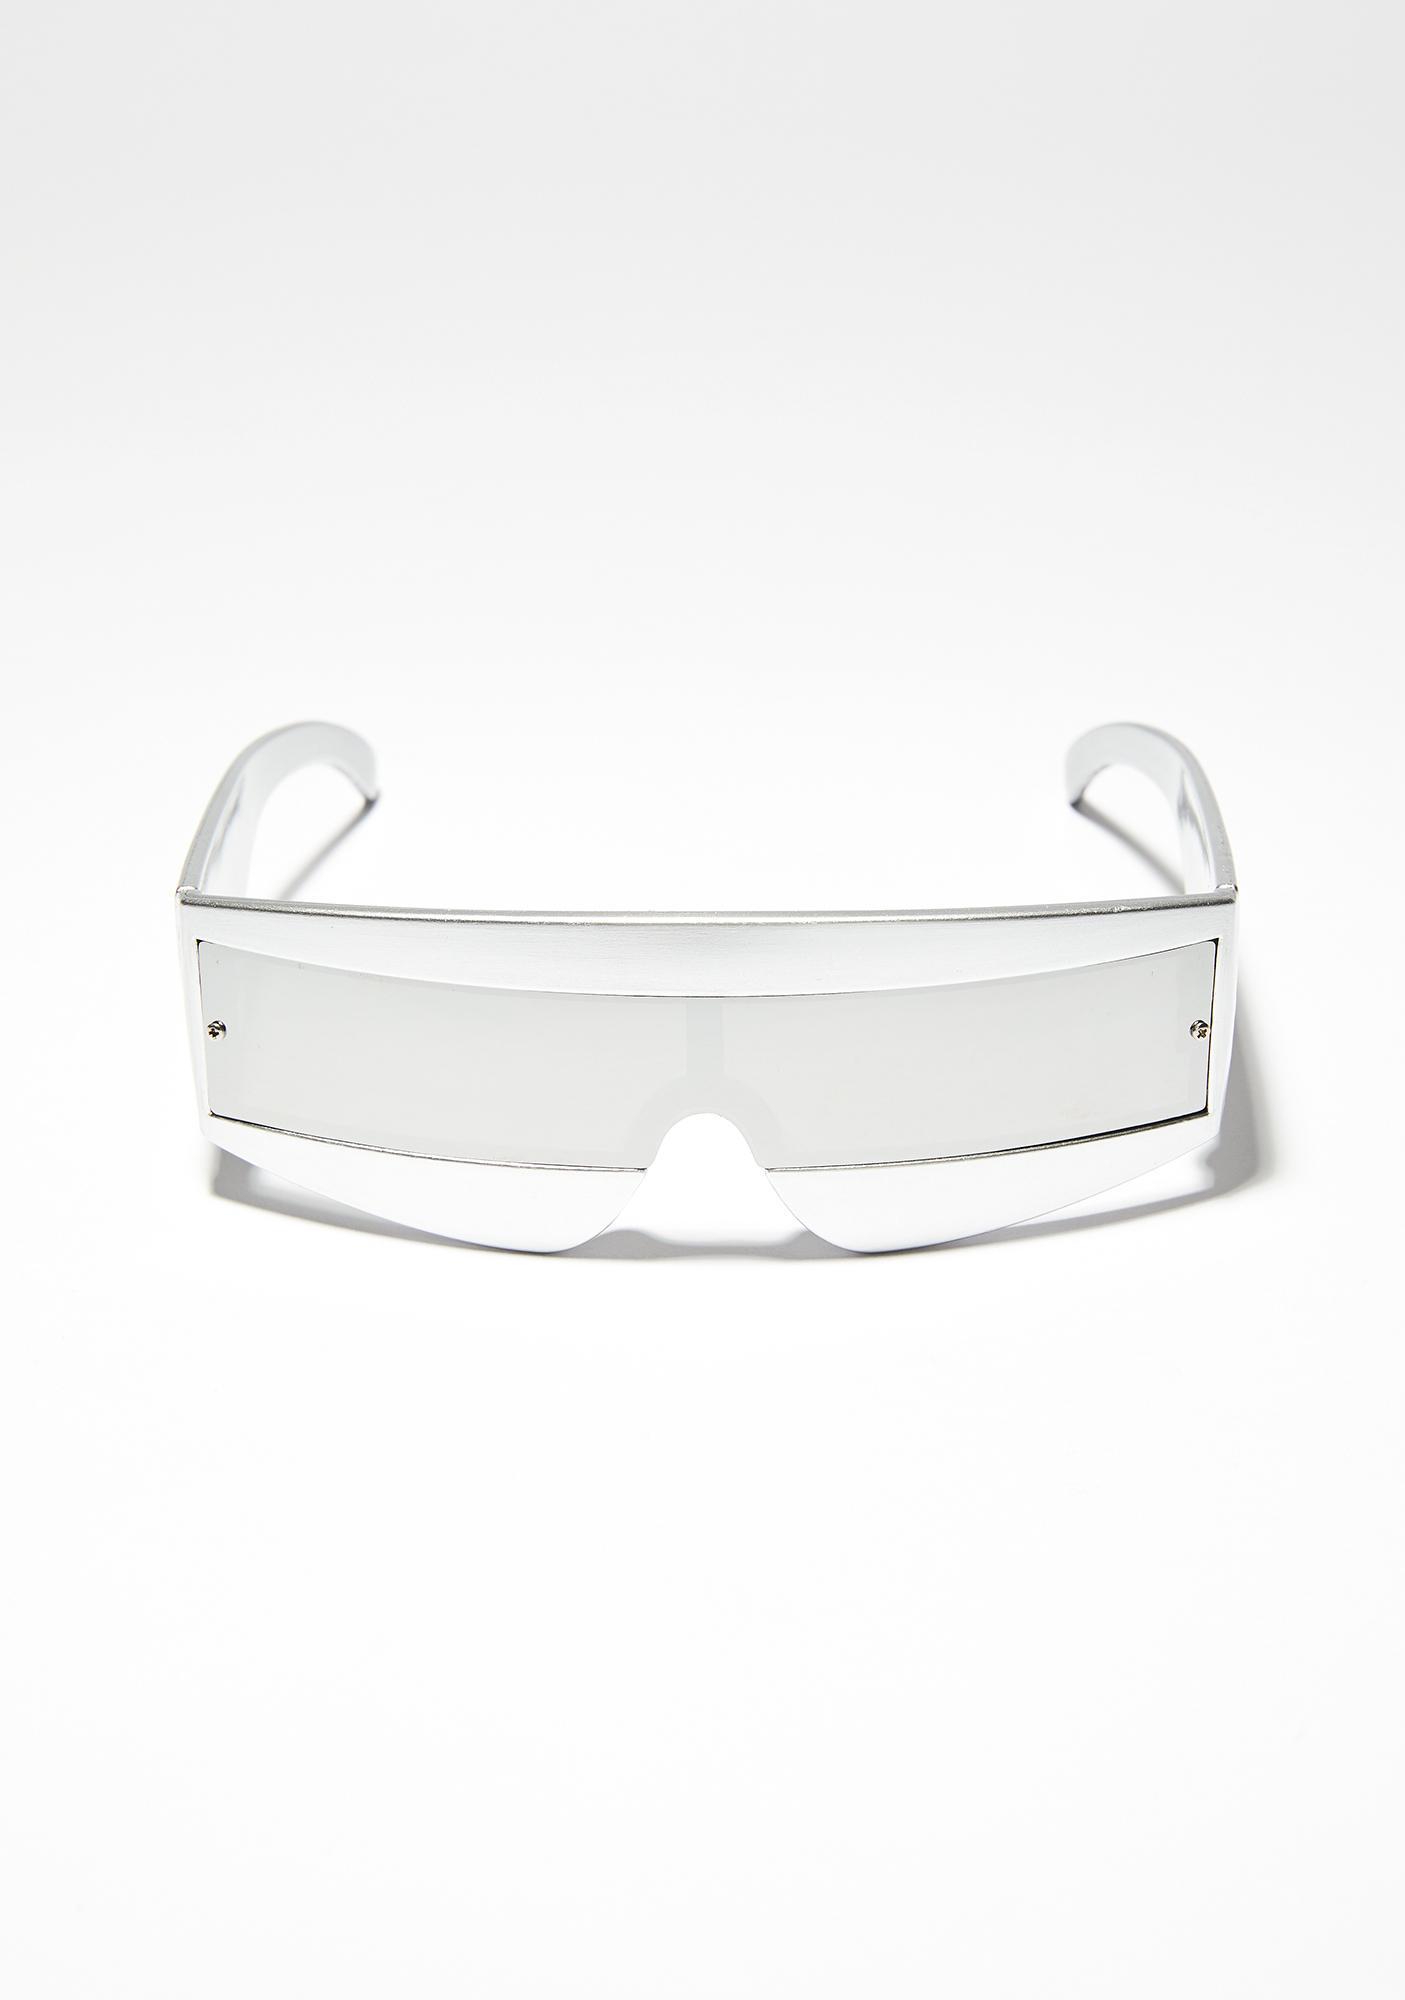 Robo Babe Shield Sunglasses